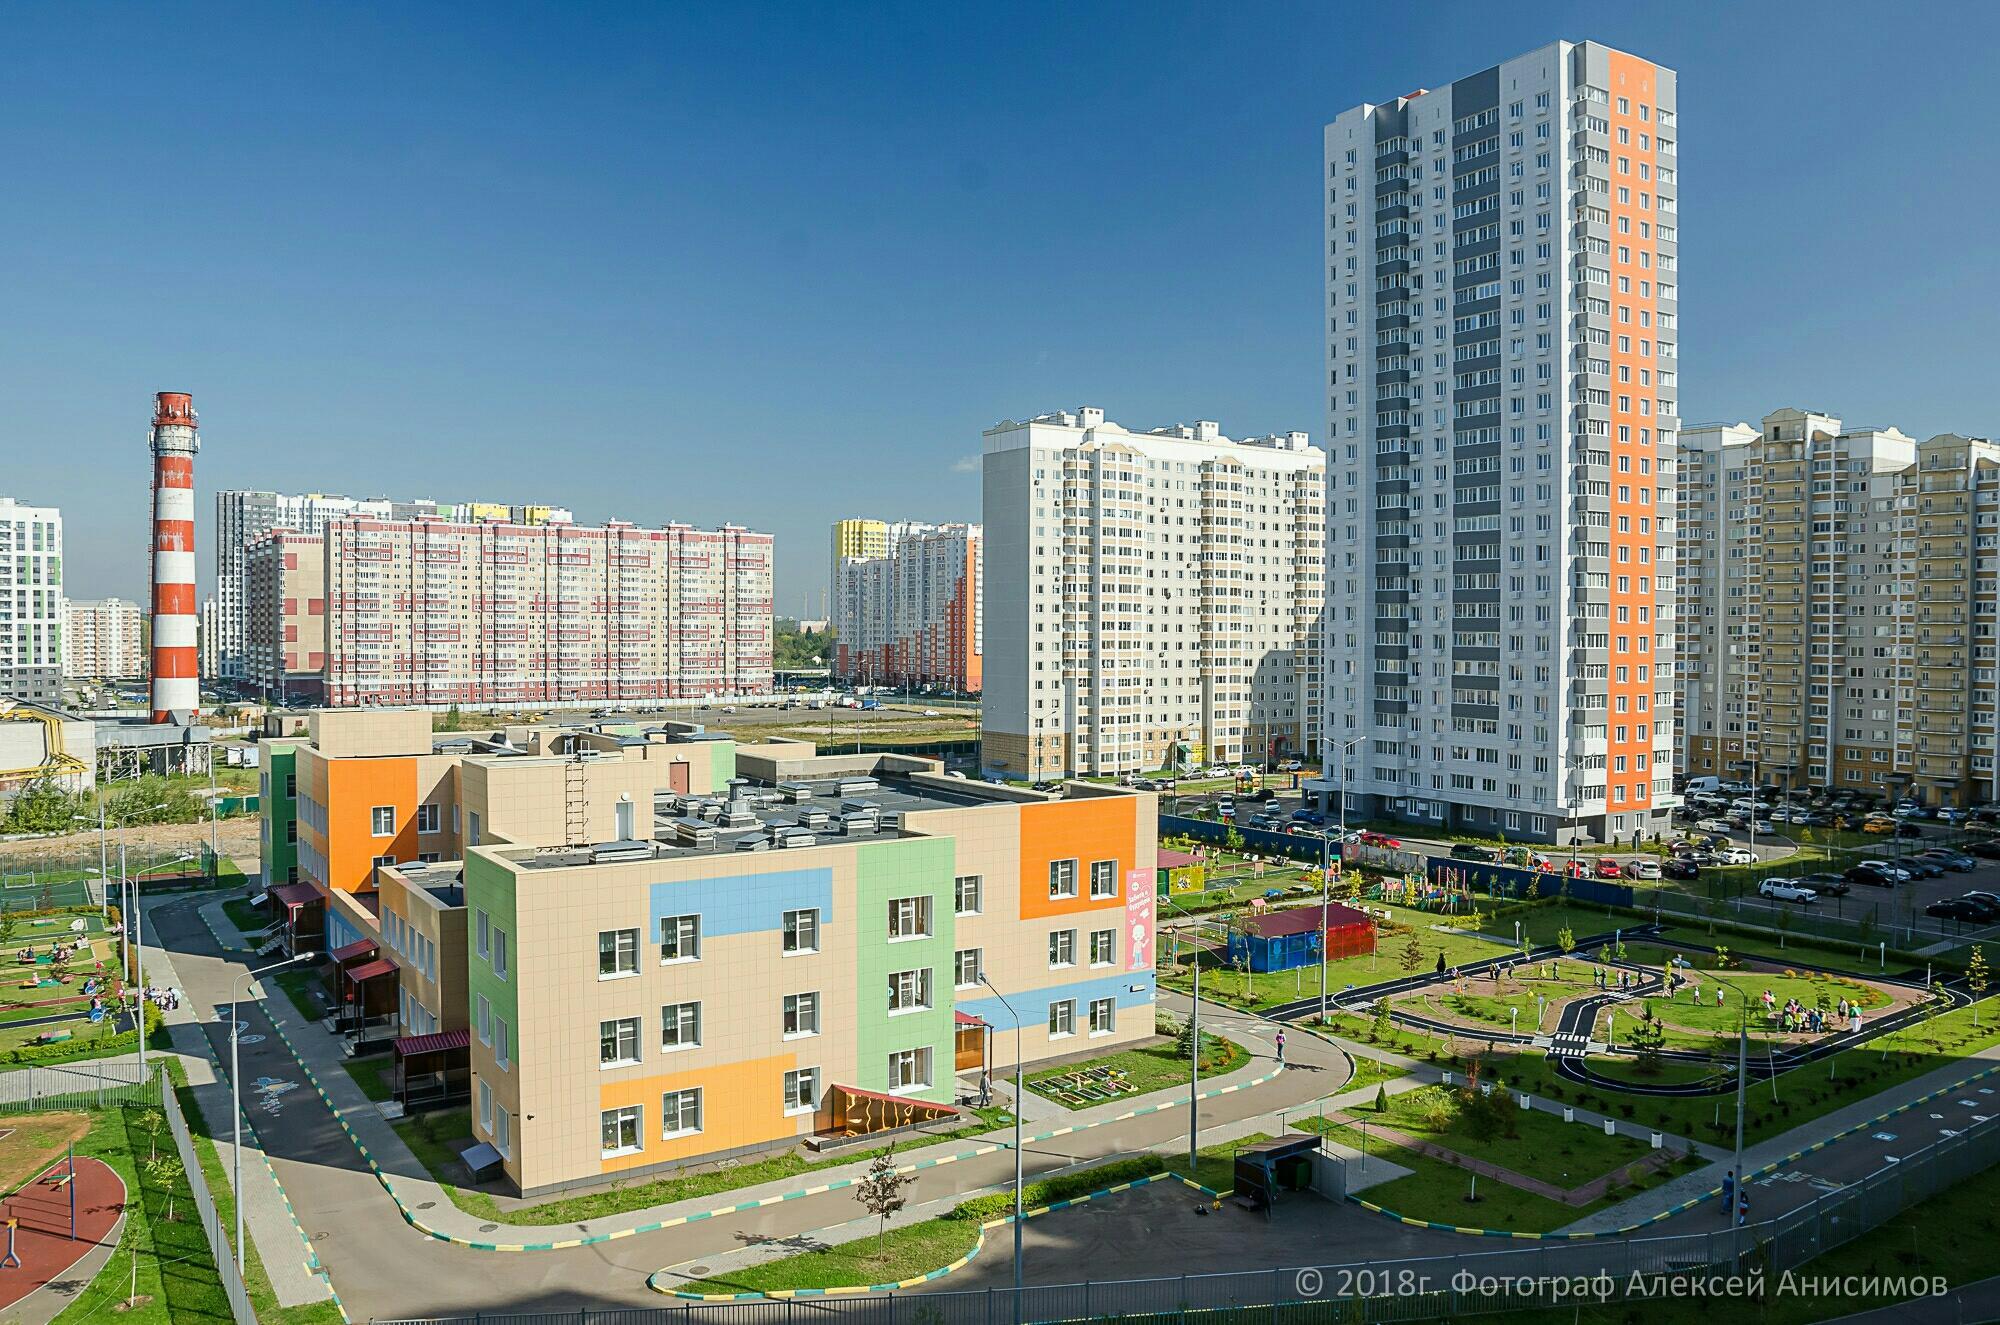 Продажа квартир / 4-комн., Россия, Красноярский край, Москва, 7 700 000